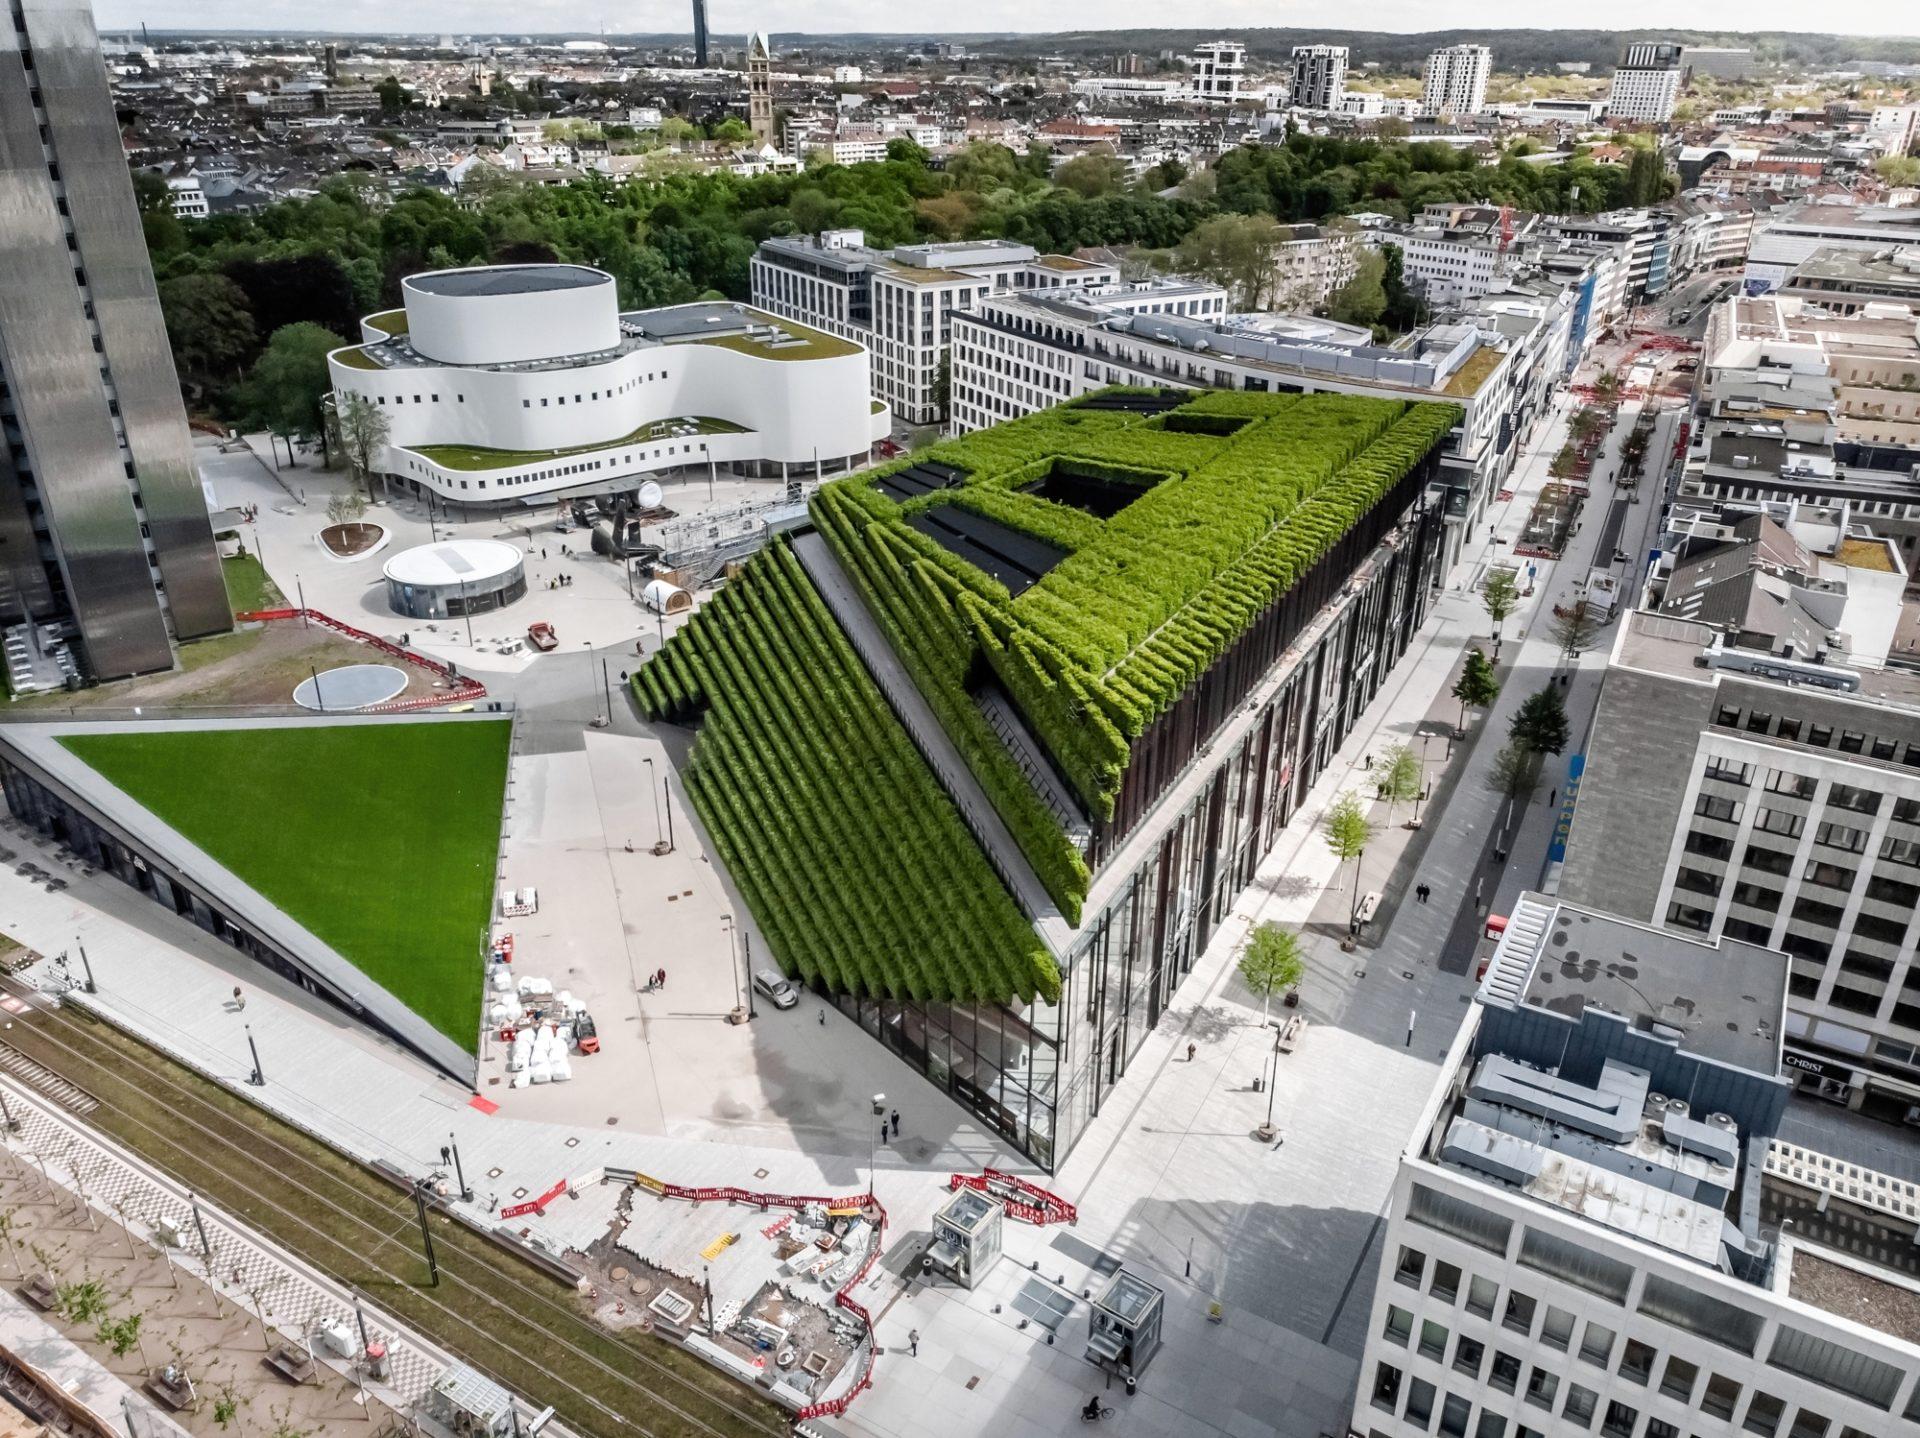 Das so genannte Ingenhoven-Tal des Kö-Bogen II - ein Projekt, das Uwe Reppegather mit seiner Firma Centrum baute. Foto:Andreas Endermann